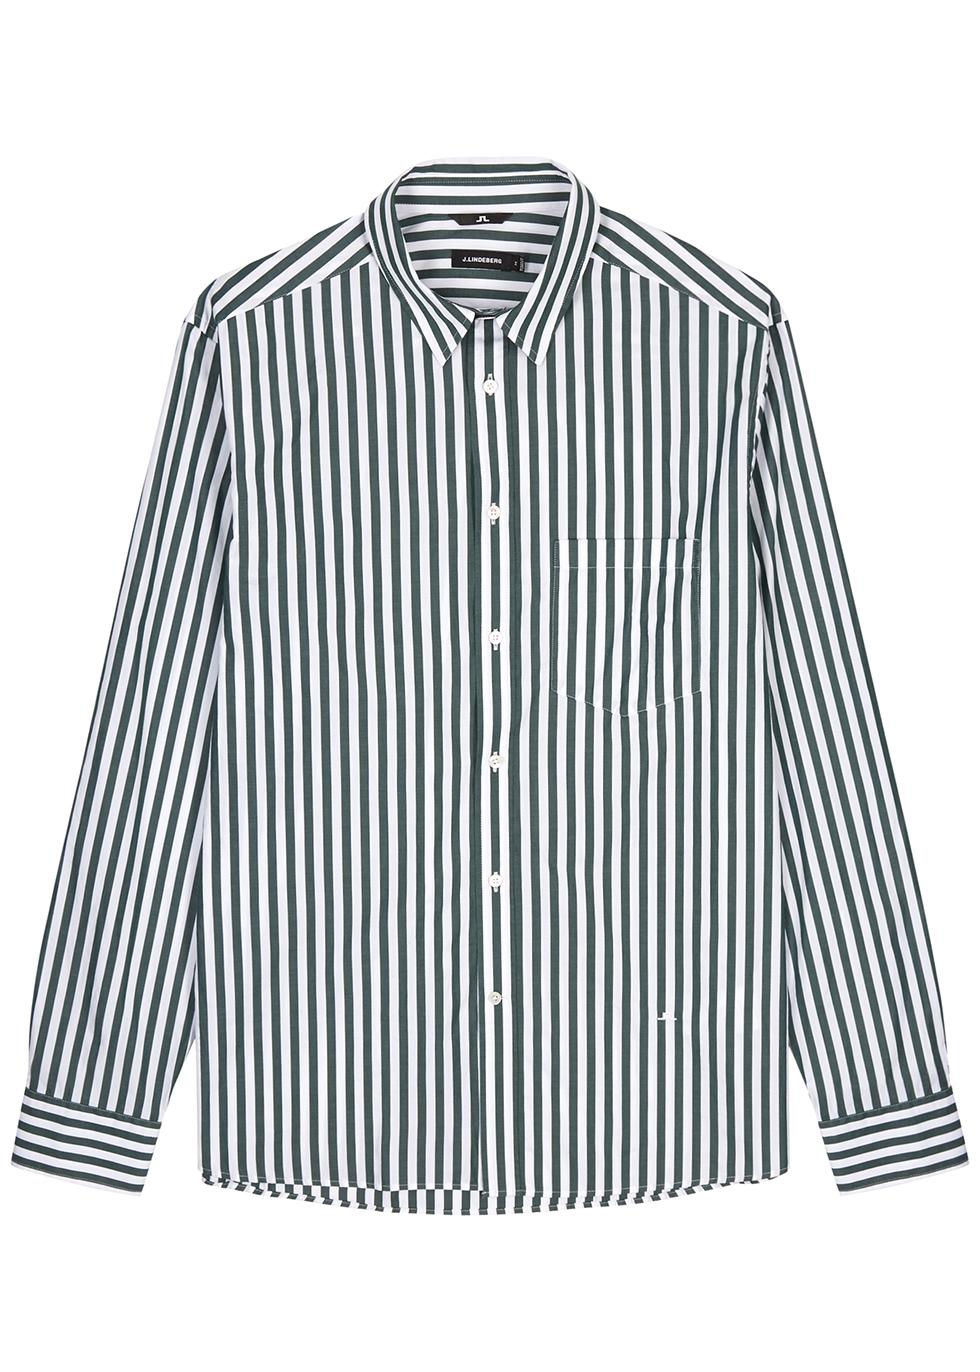 Daniel white striped cotton shirt